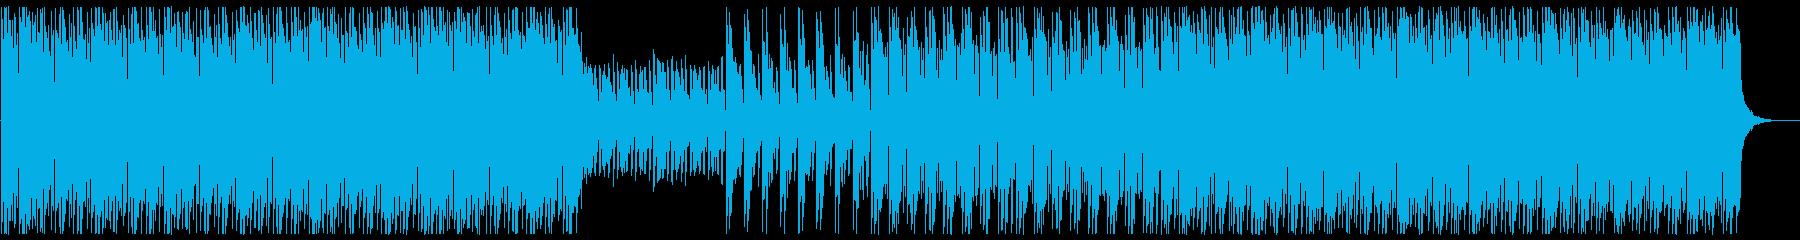 企業VP_躍進のテーマシンプルバージョンの再生済みの波形